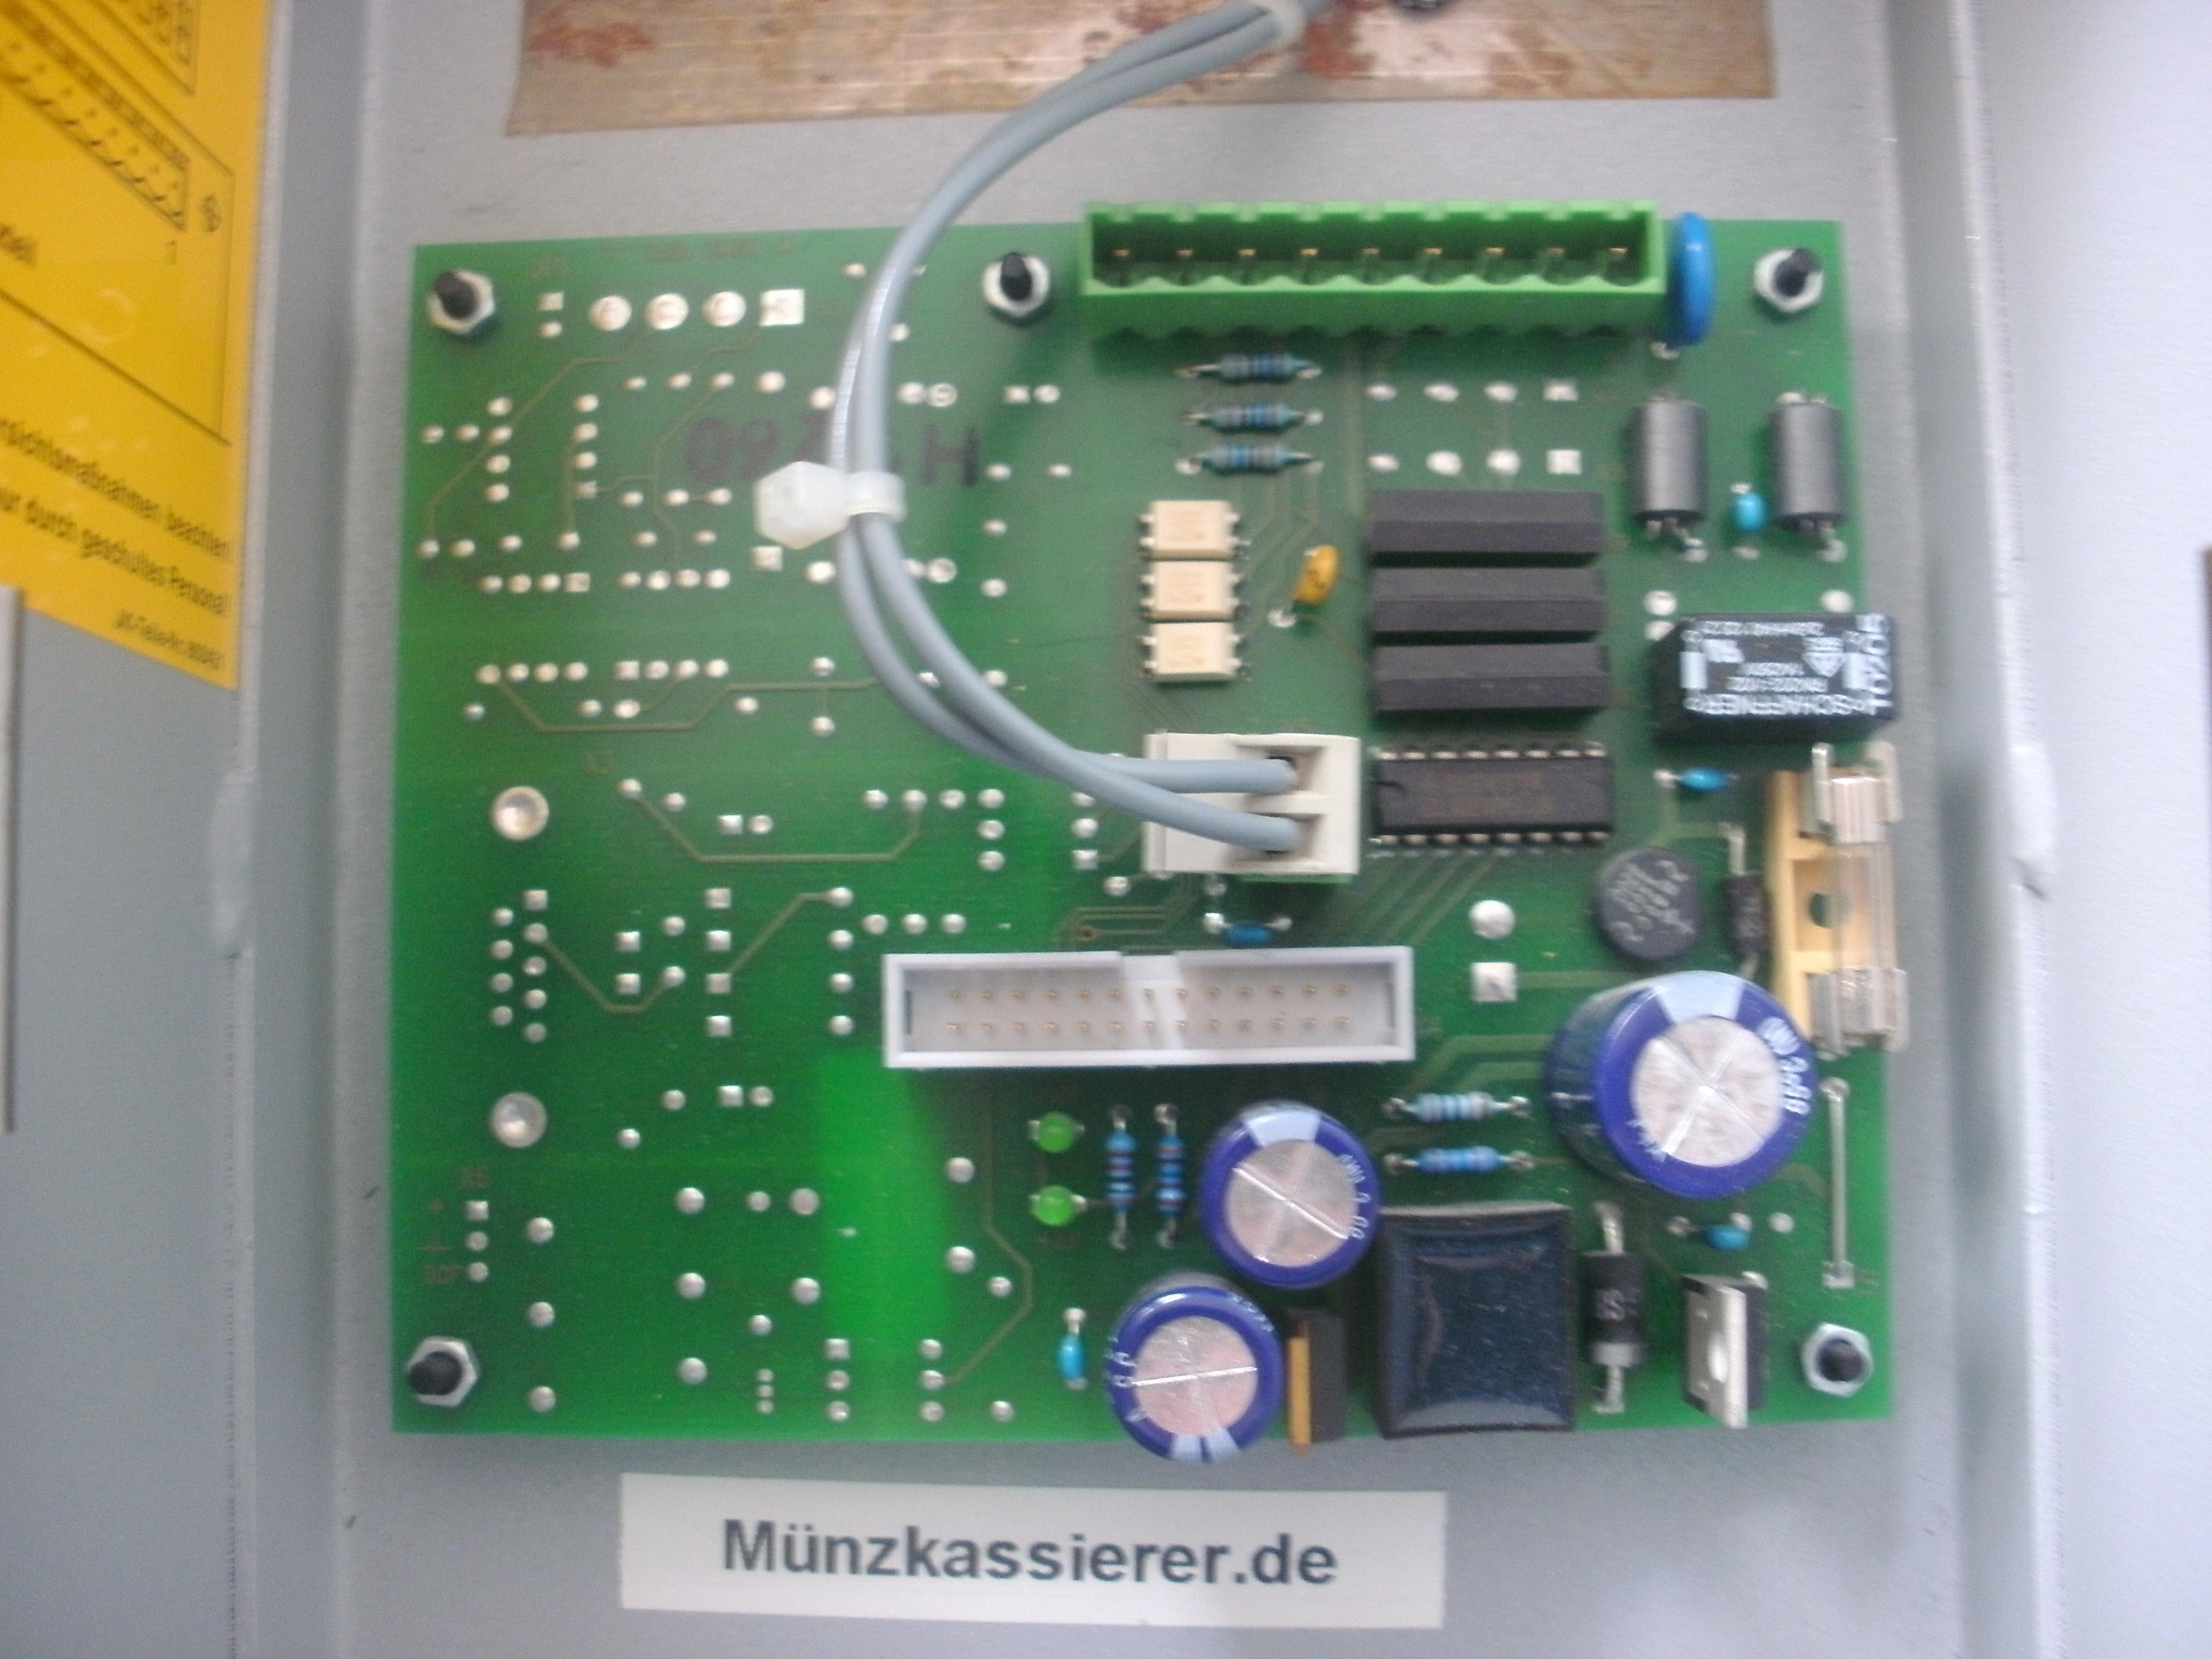 Ergoline MCS IV PLUS Netzteil Platine Netzplatine Münzkassierer.de